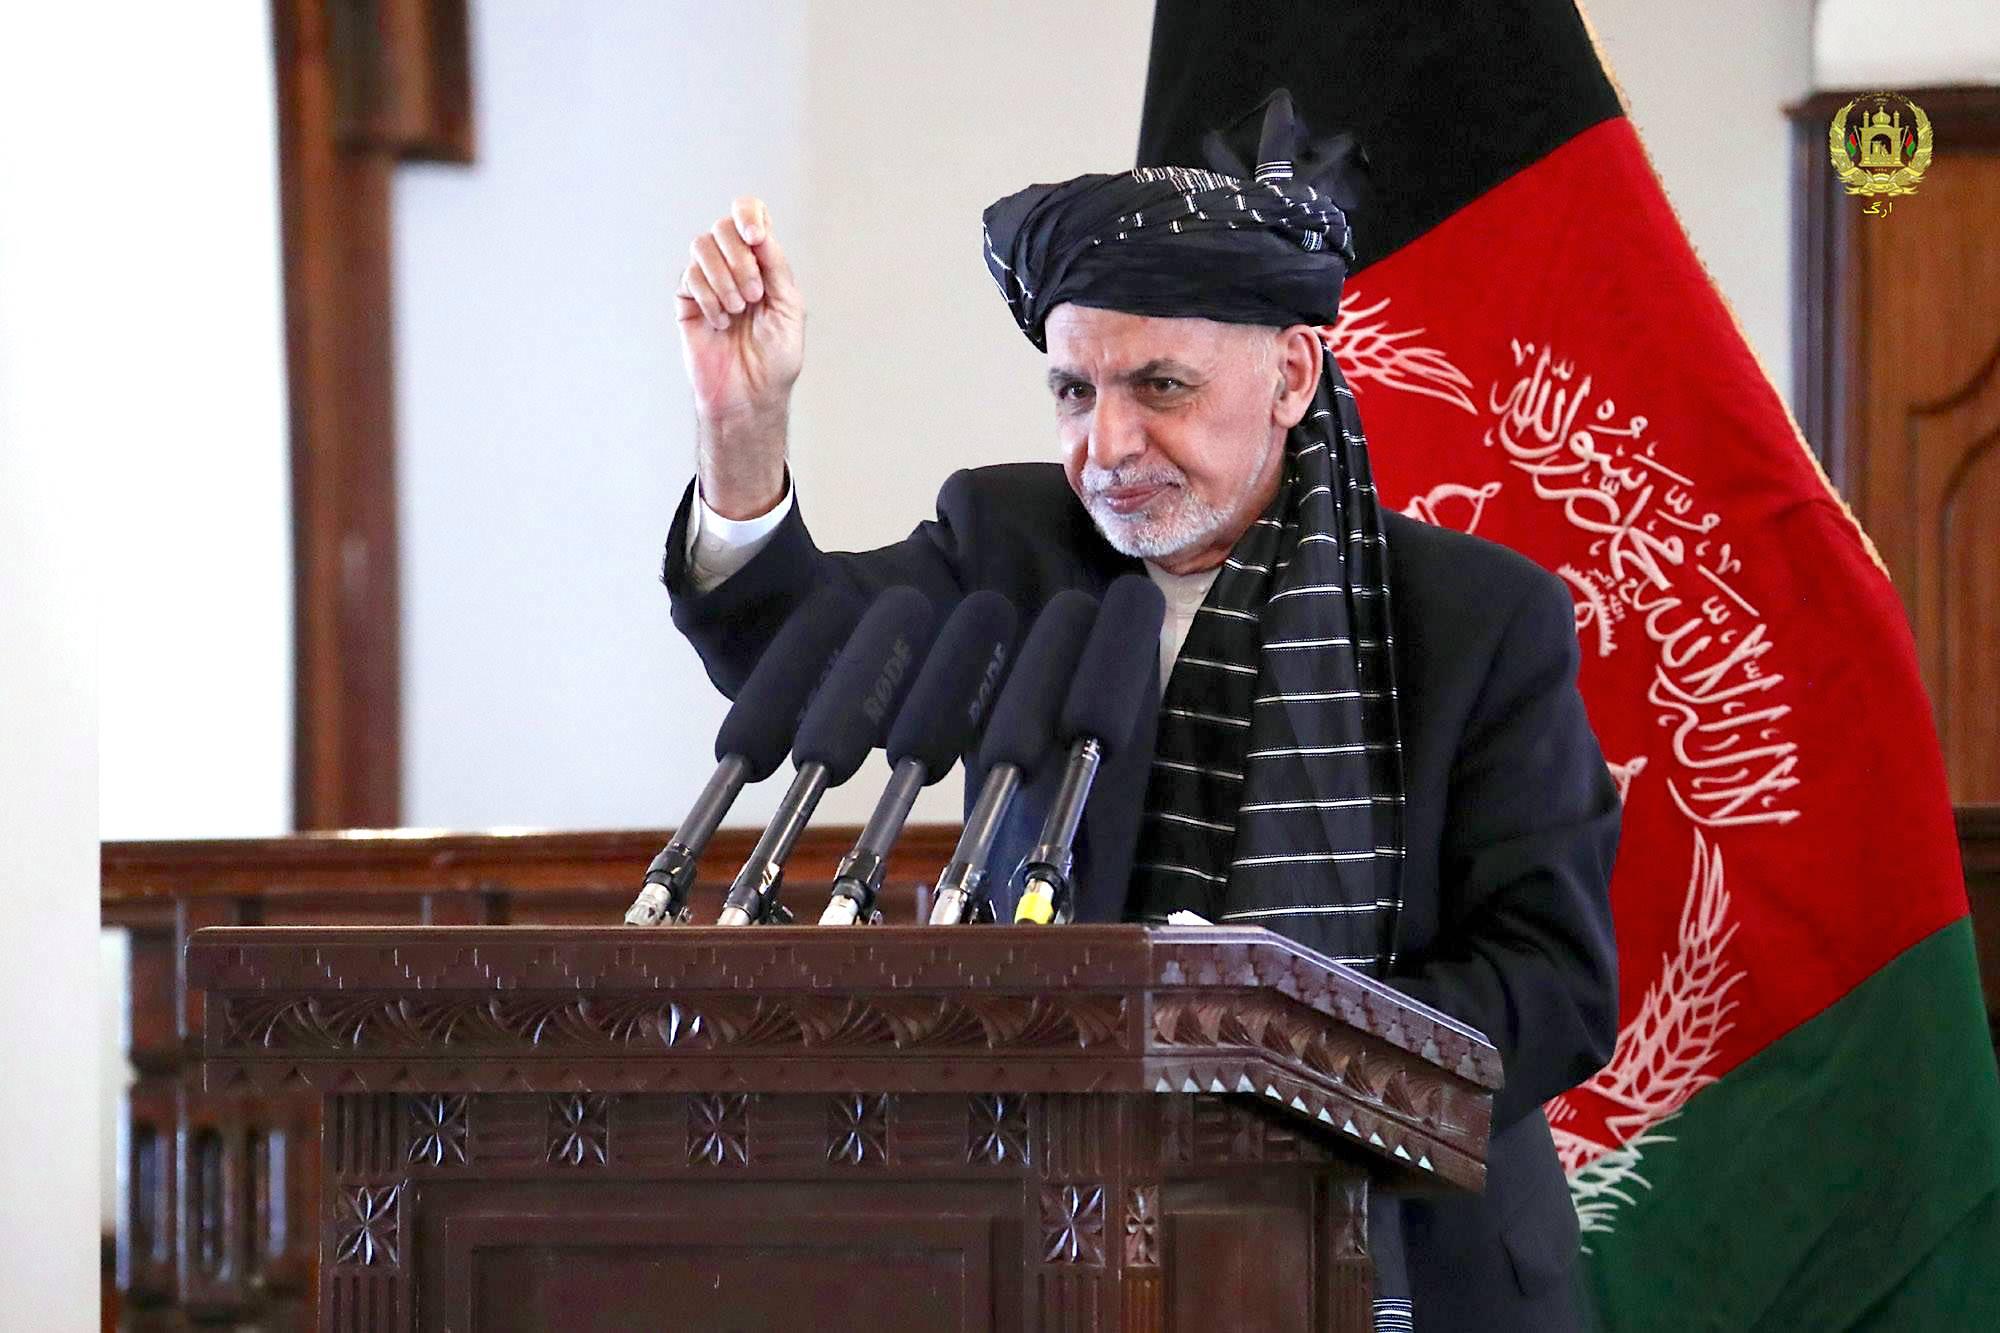 افغان ملي دفاعي او امنیتي ځواکونه خپل چلندونه بدلوي، او د اورپکو پر ضد تهاجمي ستراتیژي پرمخ وړي